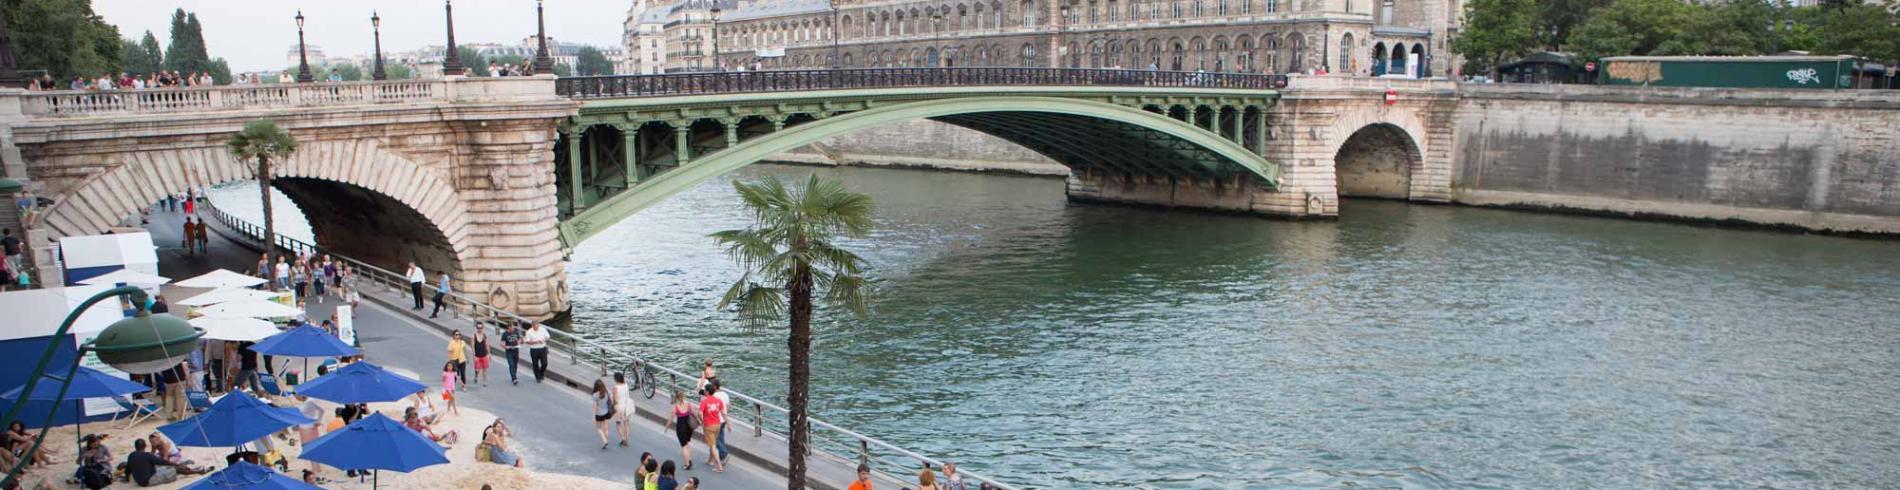 Spend Summer in Paris